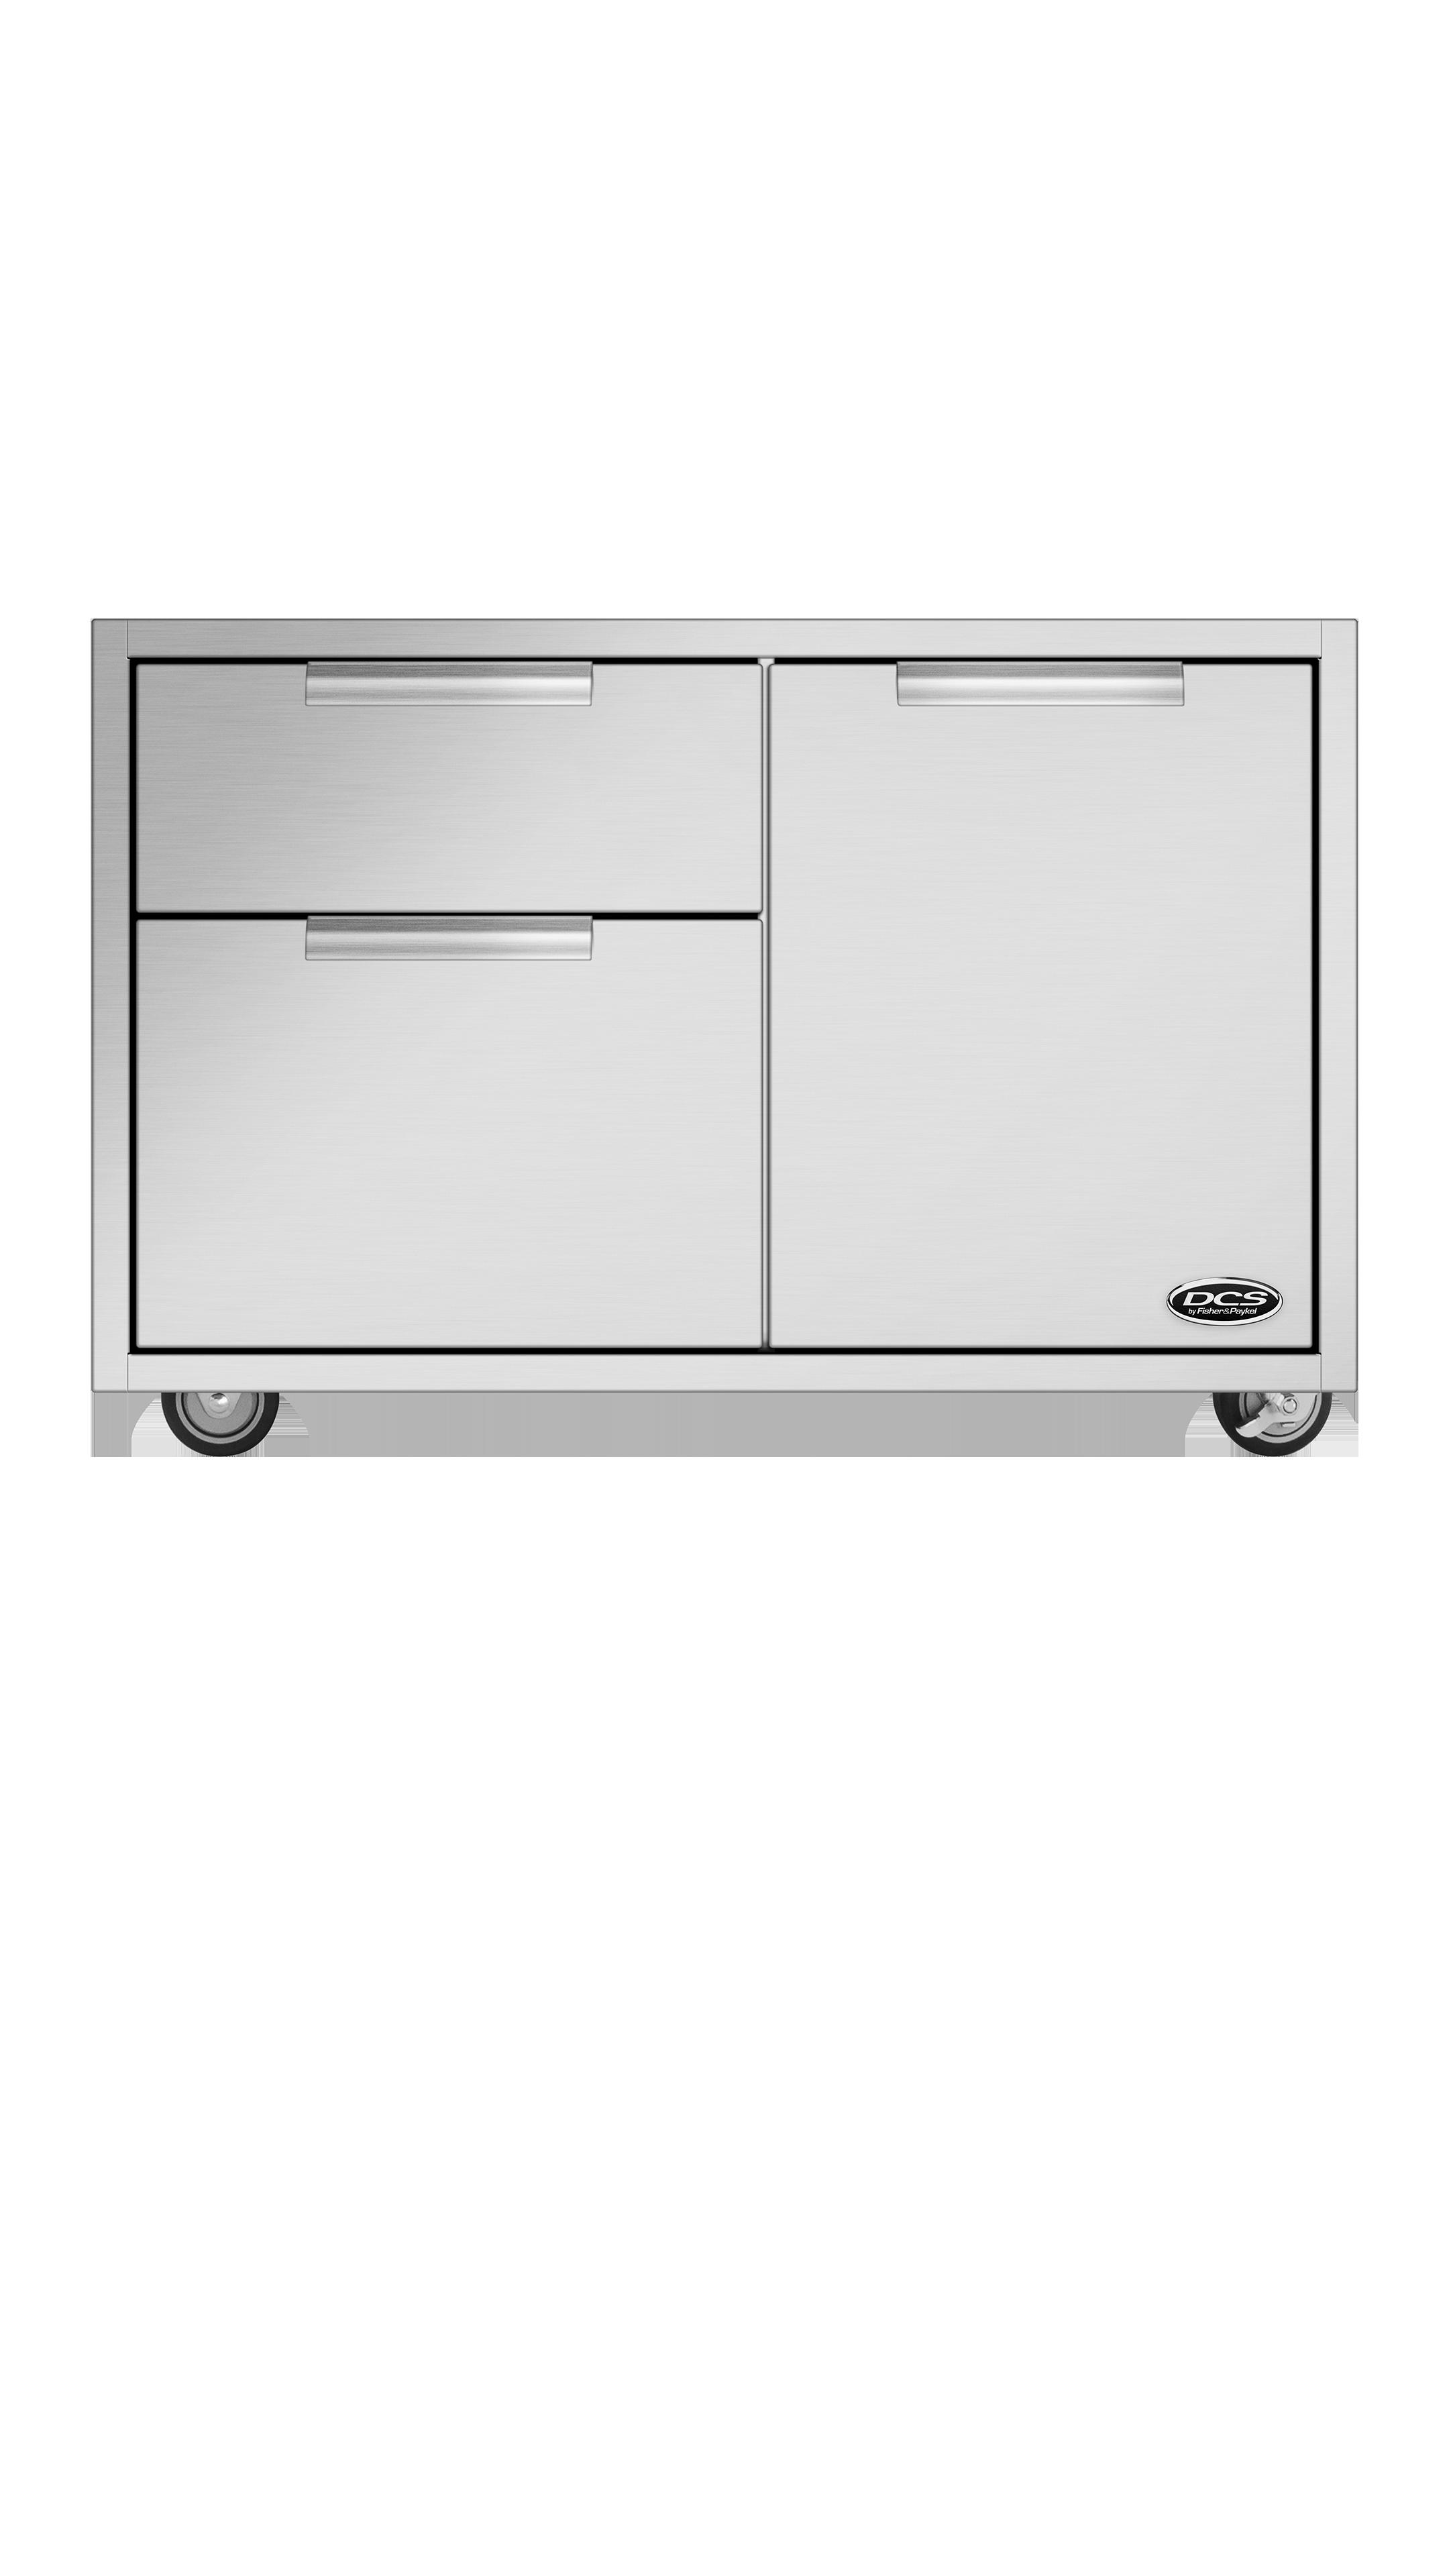 """Model: CAD1-36   DCS 36"""" Cad Grill Cart, Series 7"""